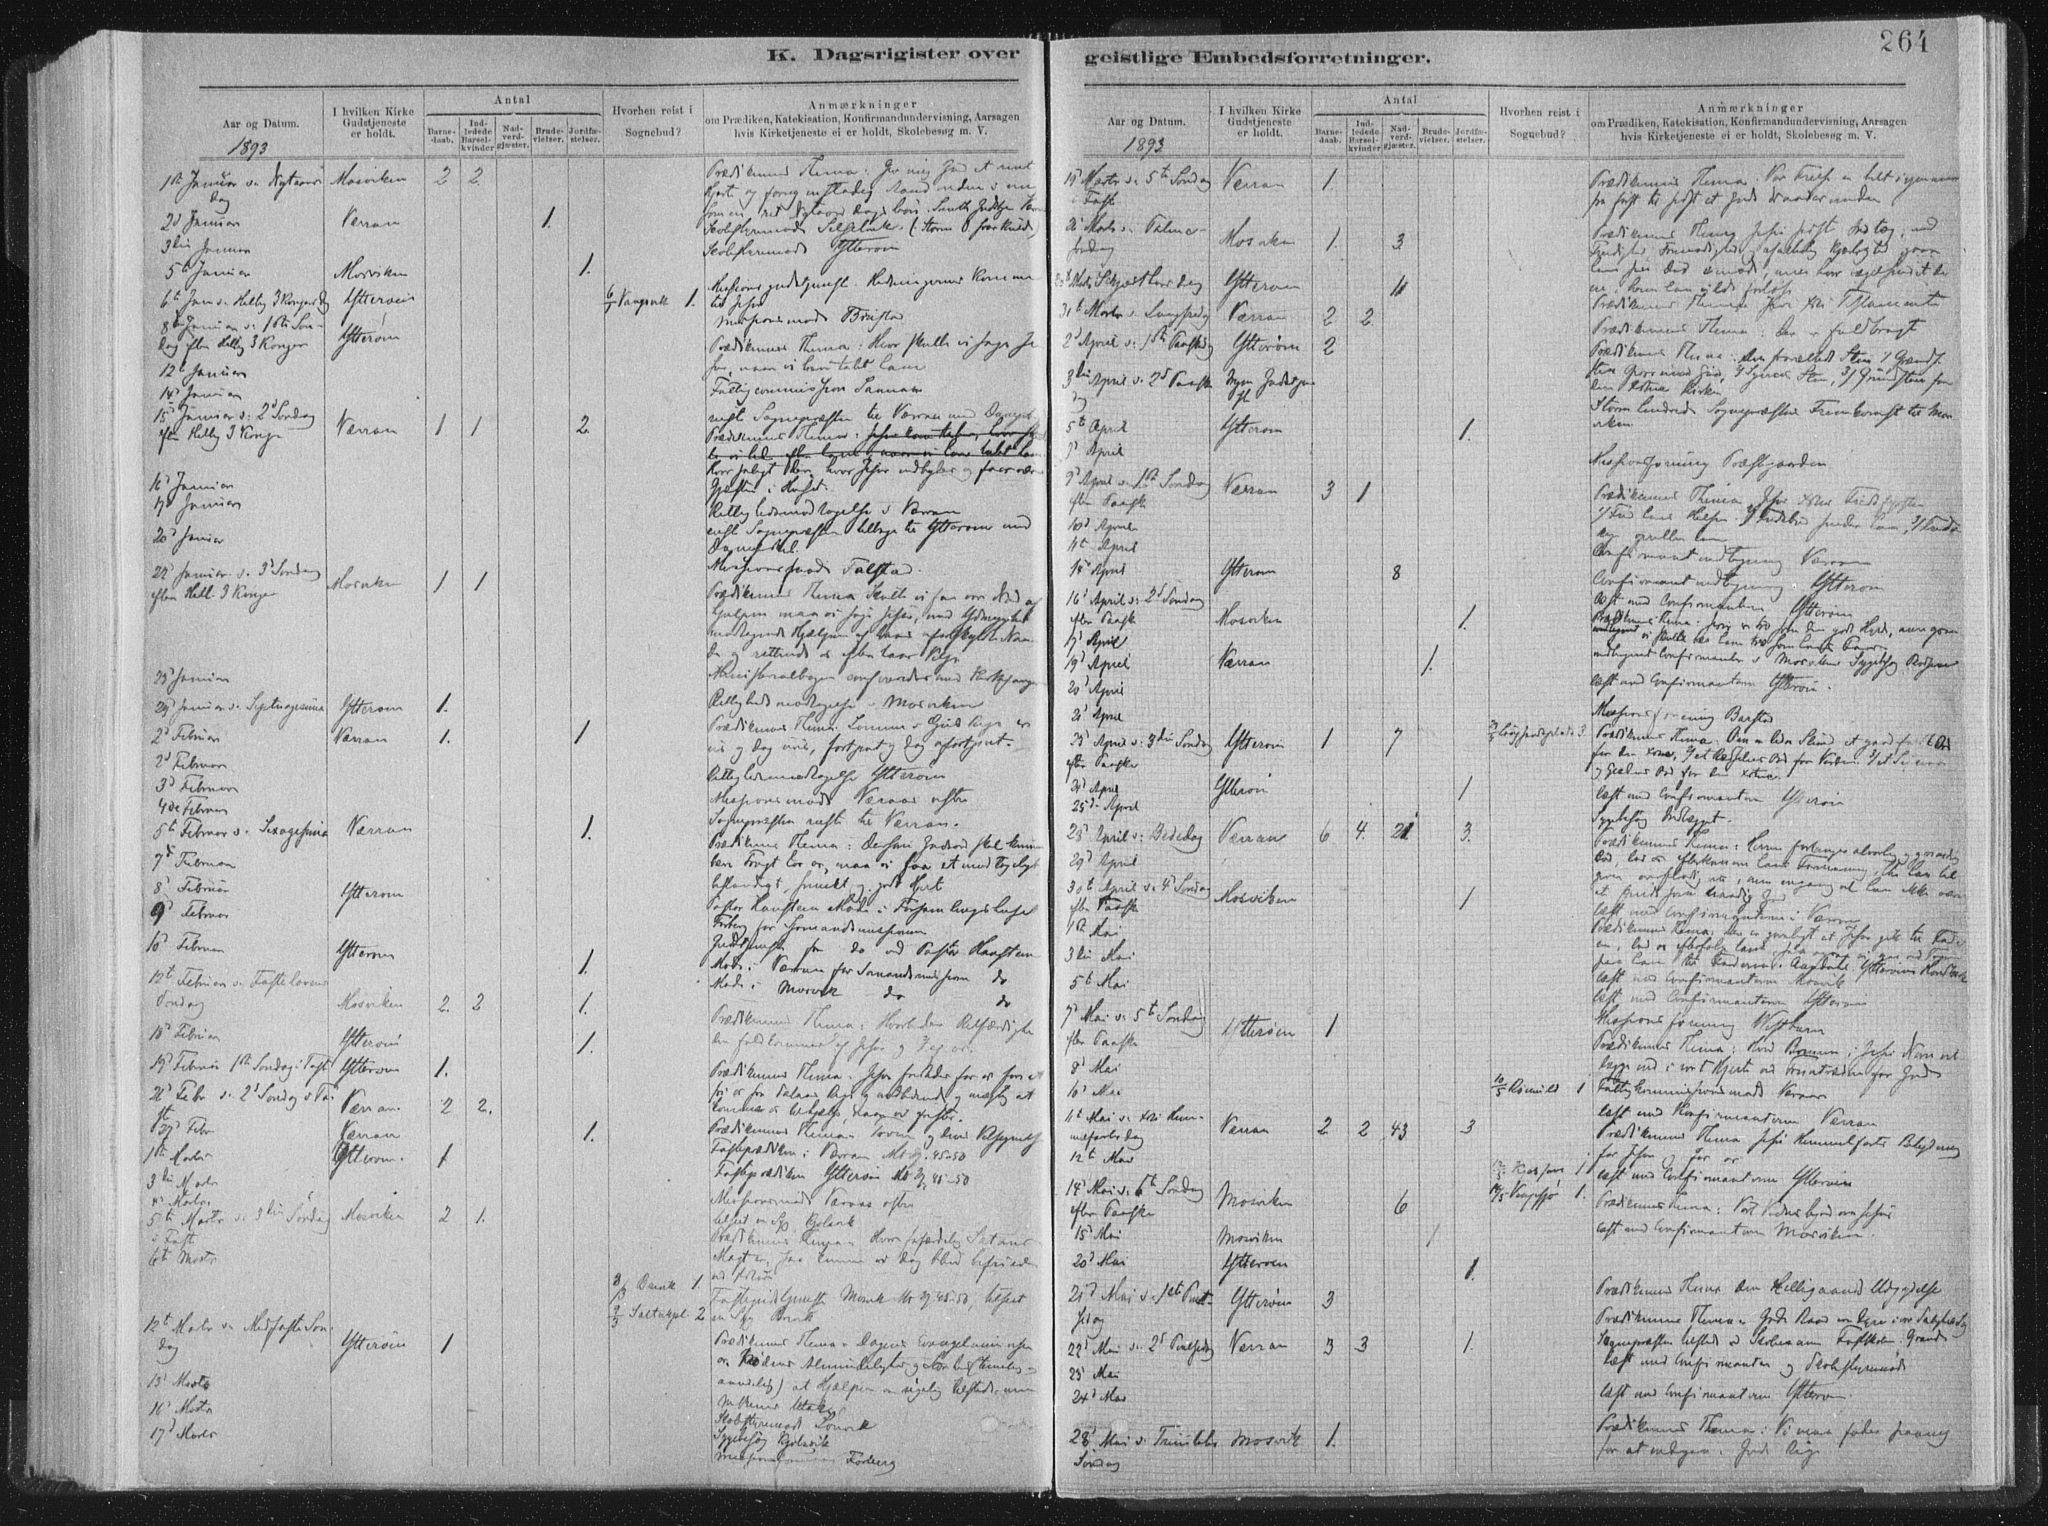 SAT, Ministerialprotokoller, klokkerbøker og fødselsregistre - Nord-Trøndelag, 722/L0220: Ministerialbok nr. 722A07, 1881-1908, s. 264